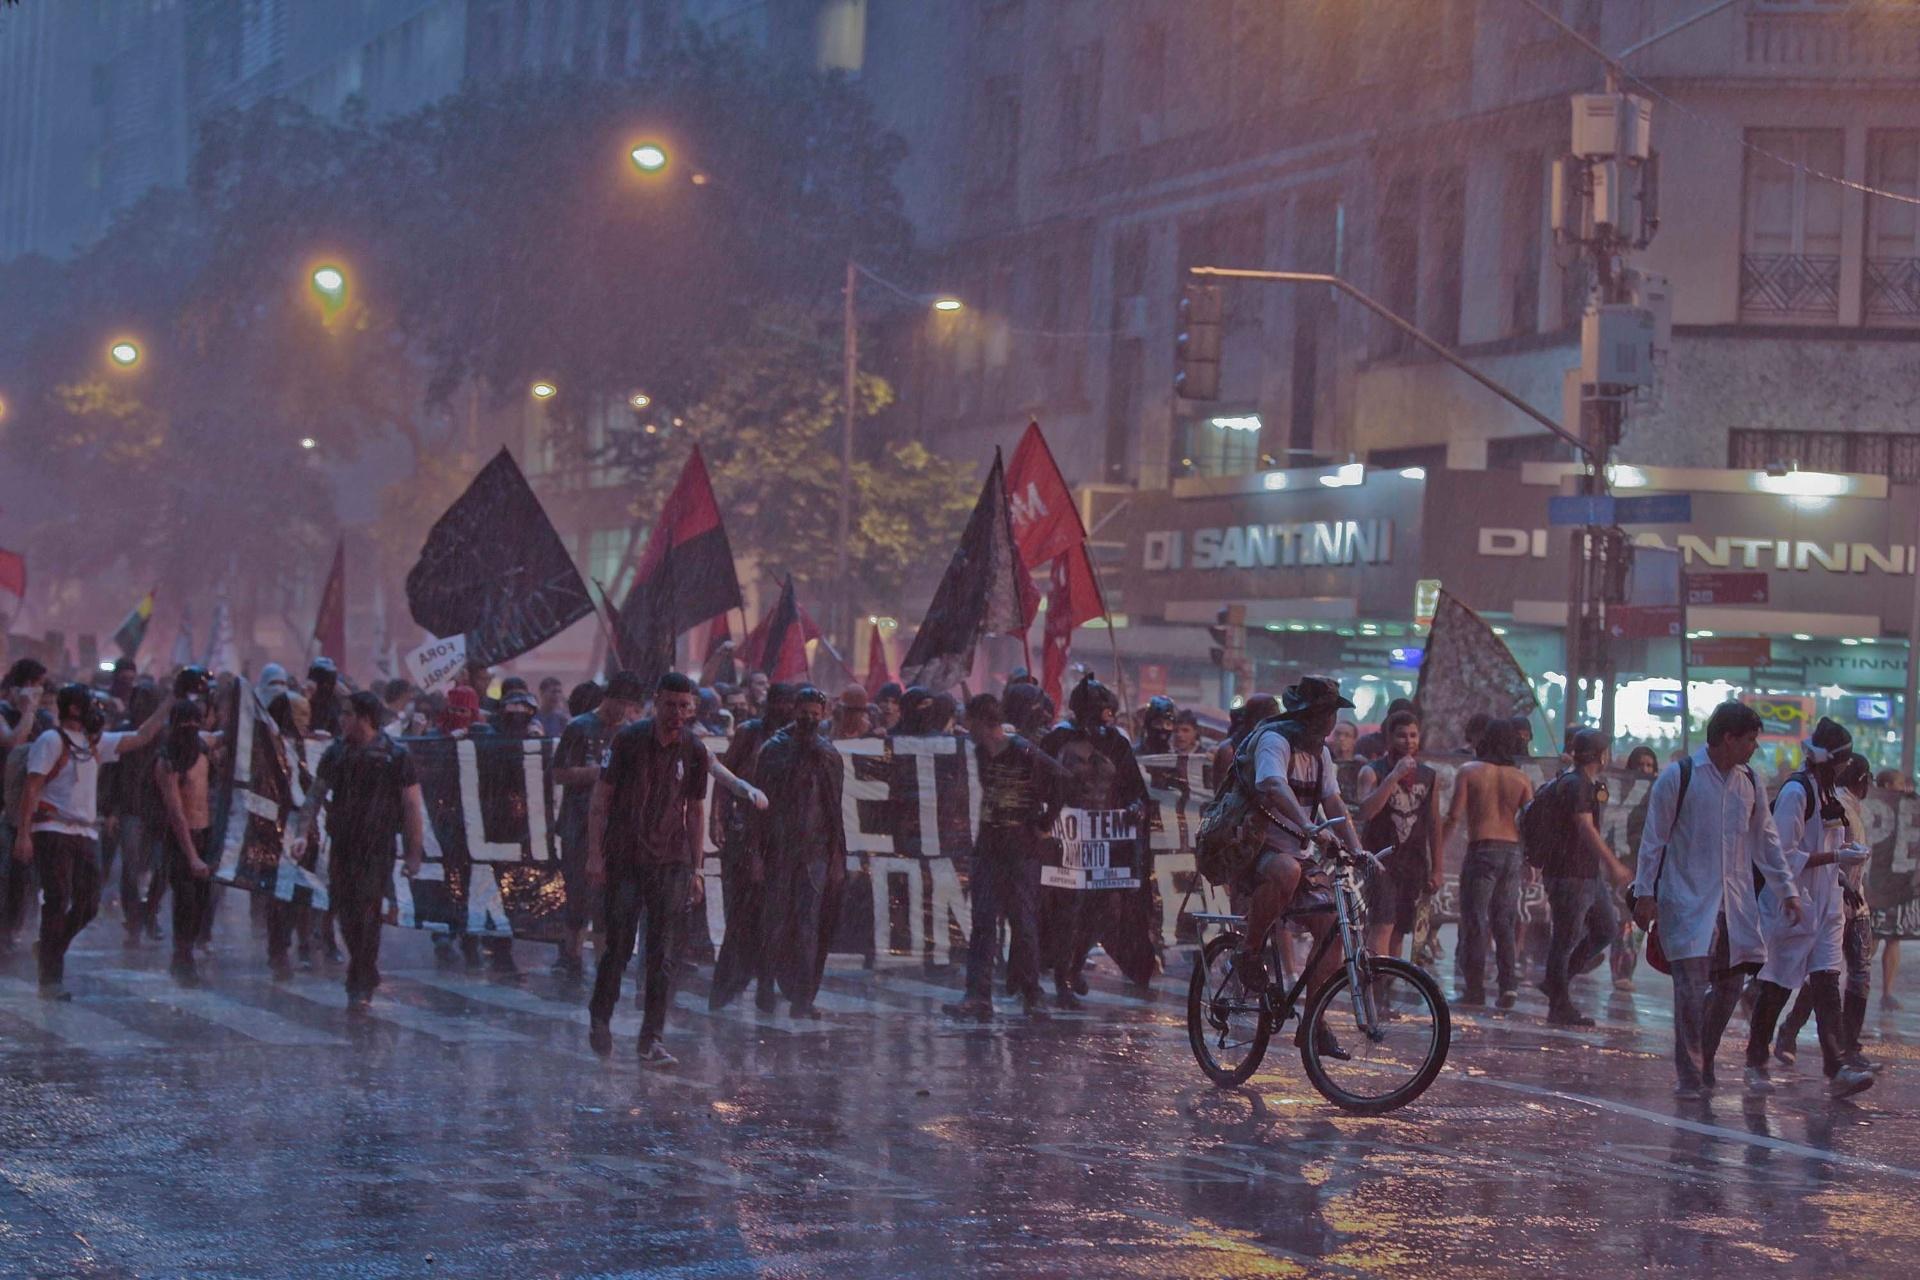 16.jan.2014 - Mesmo sob forte chuva, manifestantes protestam contra o aumento das passagens do transporte público na capital fluminense, no centro do Rio, nesta quinta-feira (16). Eles se reuniram na praça localizada atrás da Igreja da Candelária, acompanhados por dezenas de policiais militares